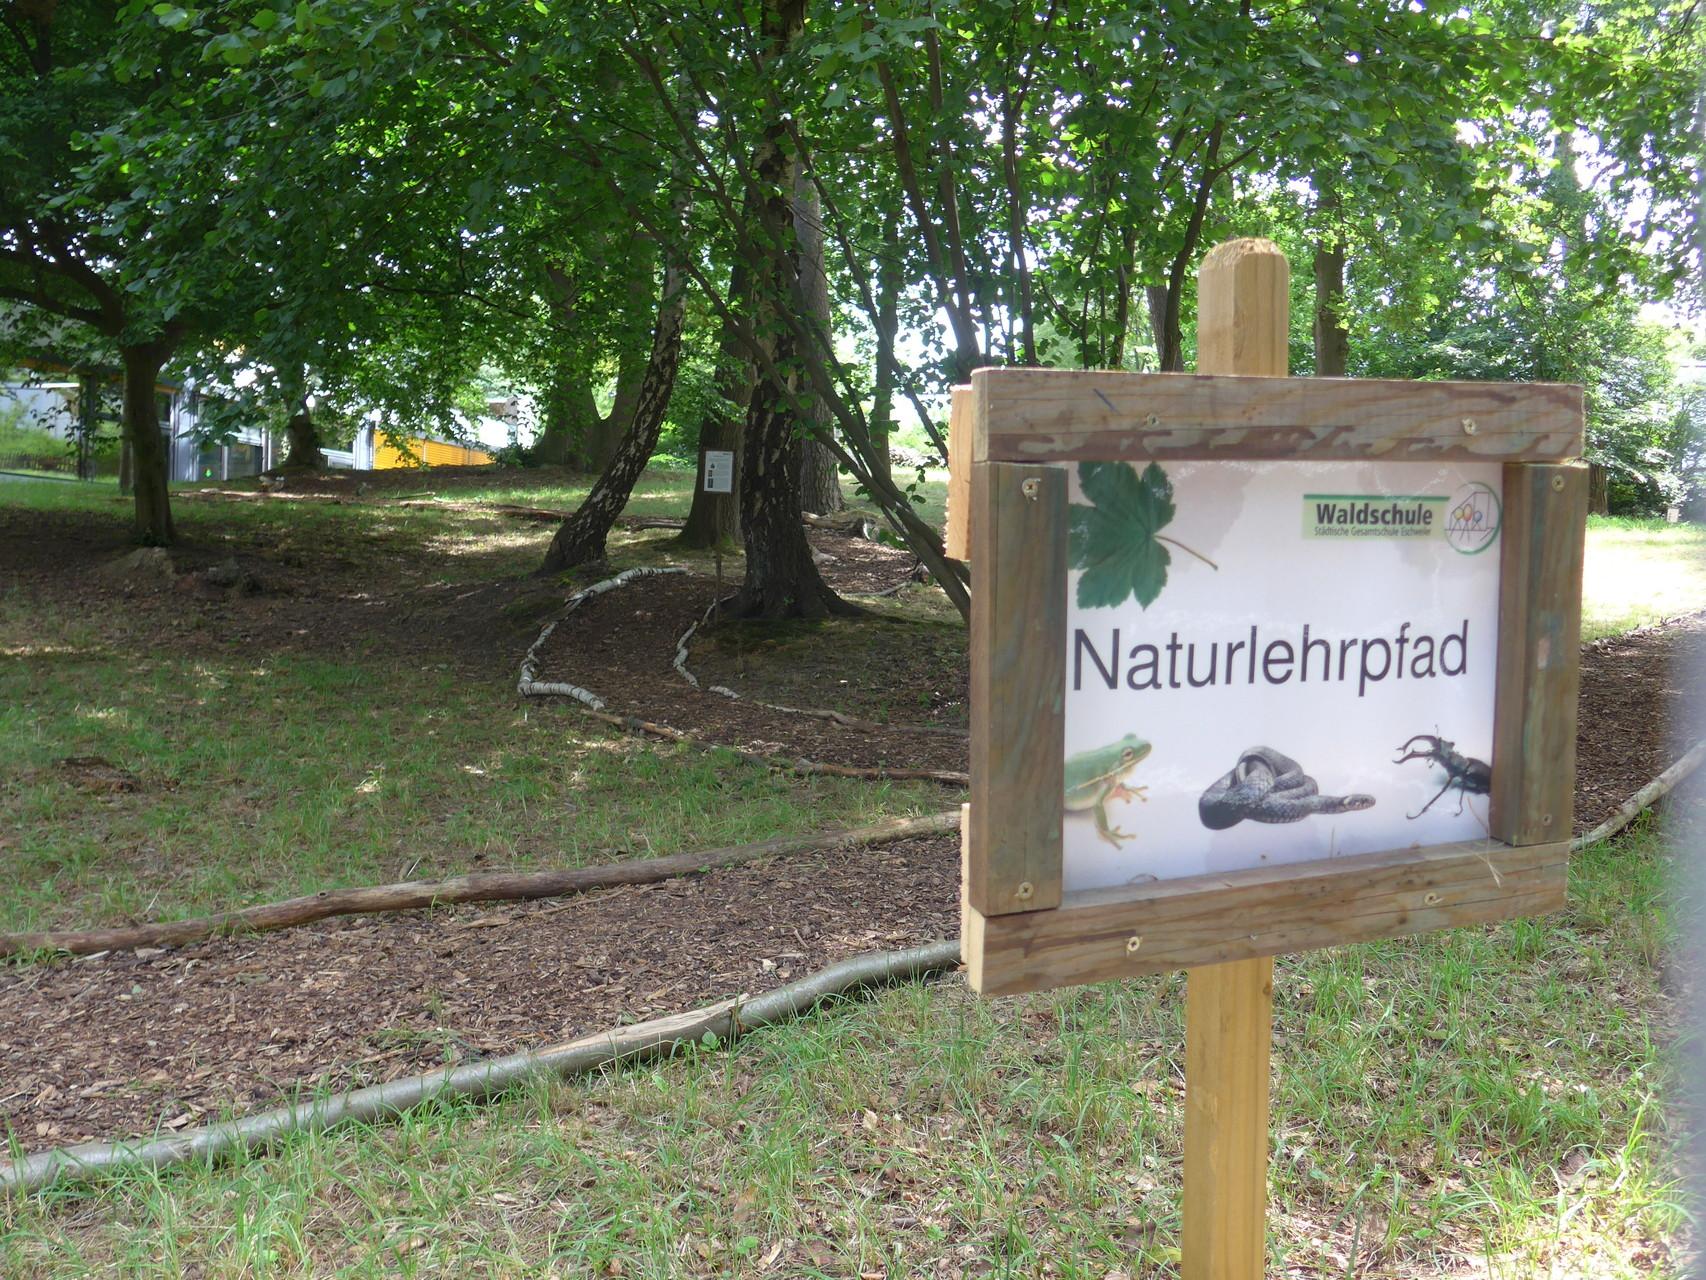 Naturlehrpfad - Projekt aus dem Modul 'Naturwissenschaftlich Handeln'